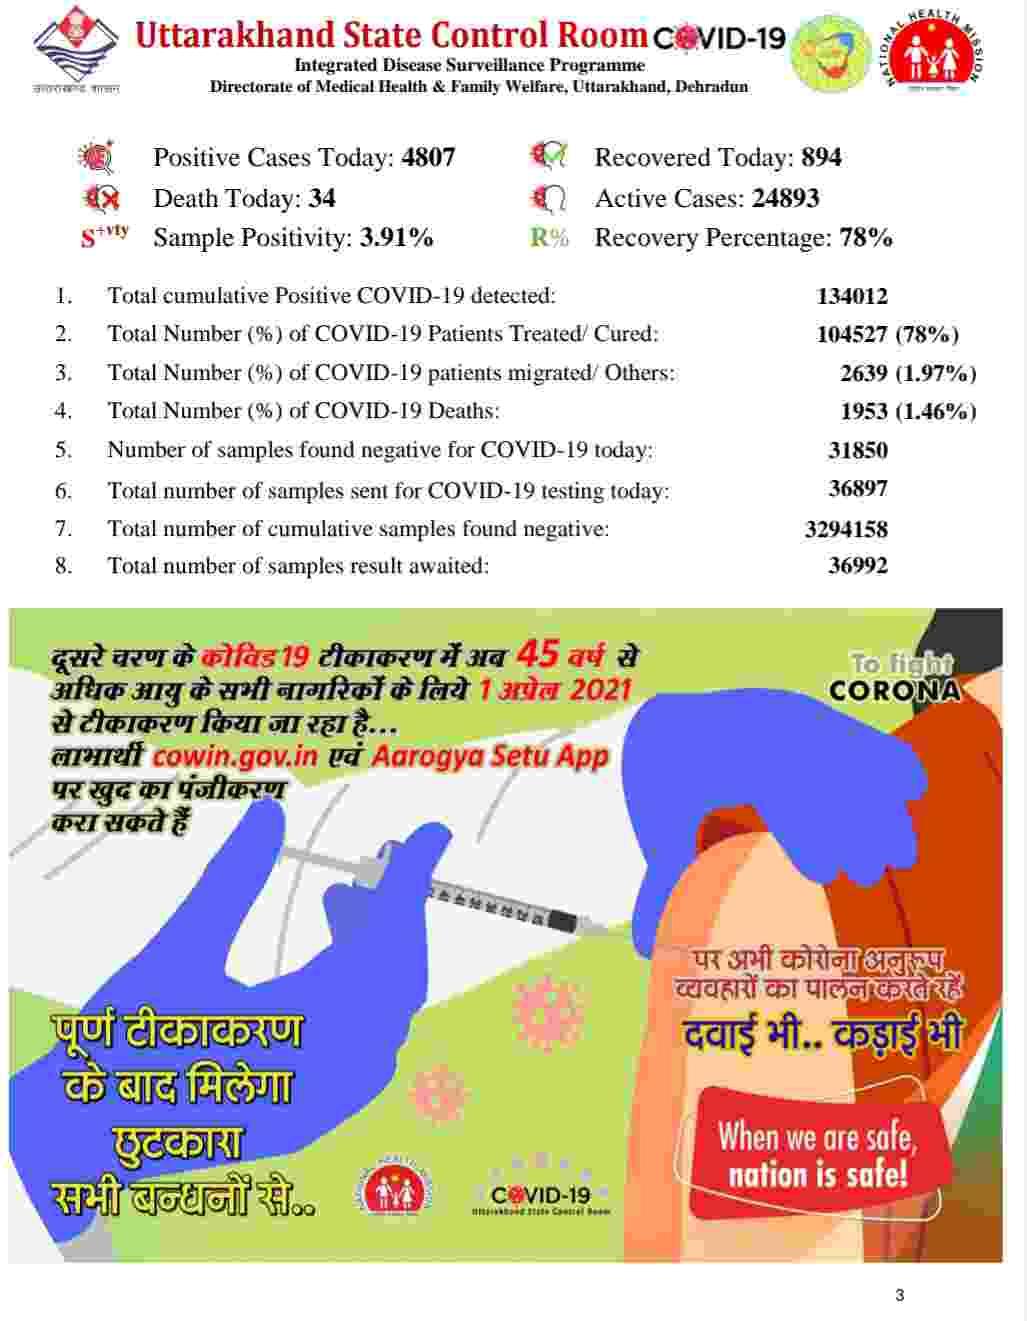 नहीं थम रहा है कोविड-19 का प्रकोप: उत्तराखंड में आज 4807 नए कोरोना मरीज, 34 की मौत, आज देहरादून में 1876 मरीज 2